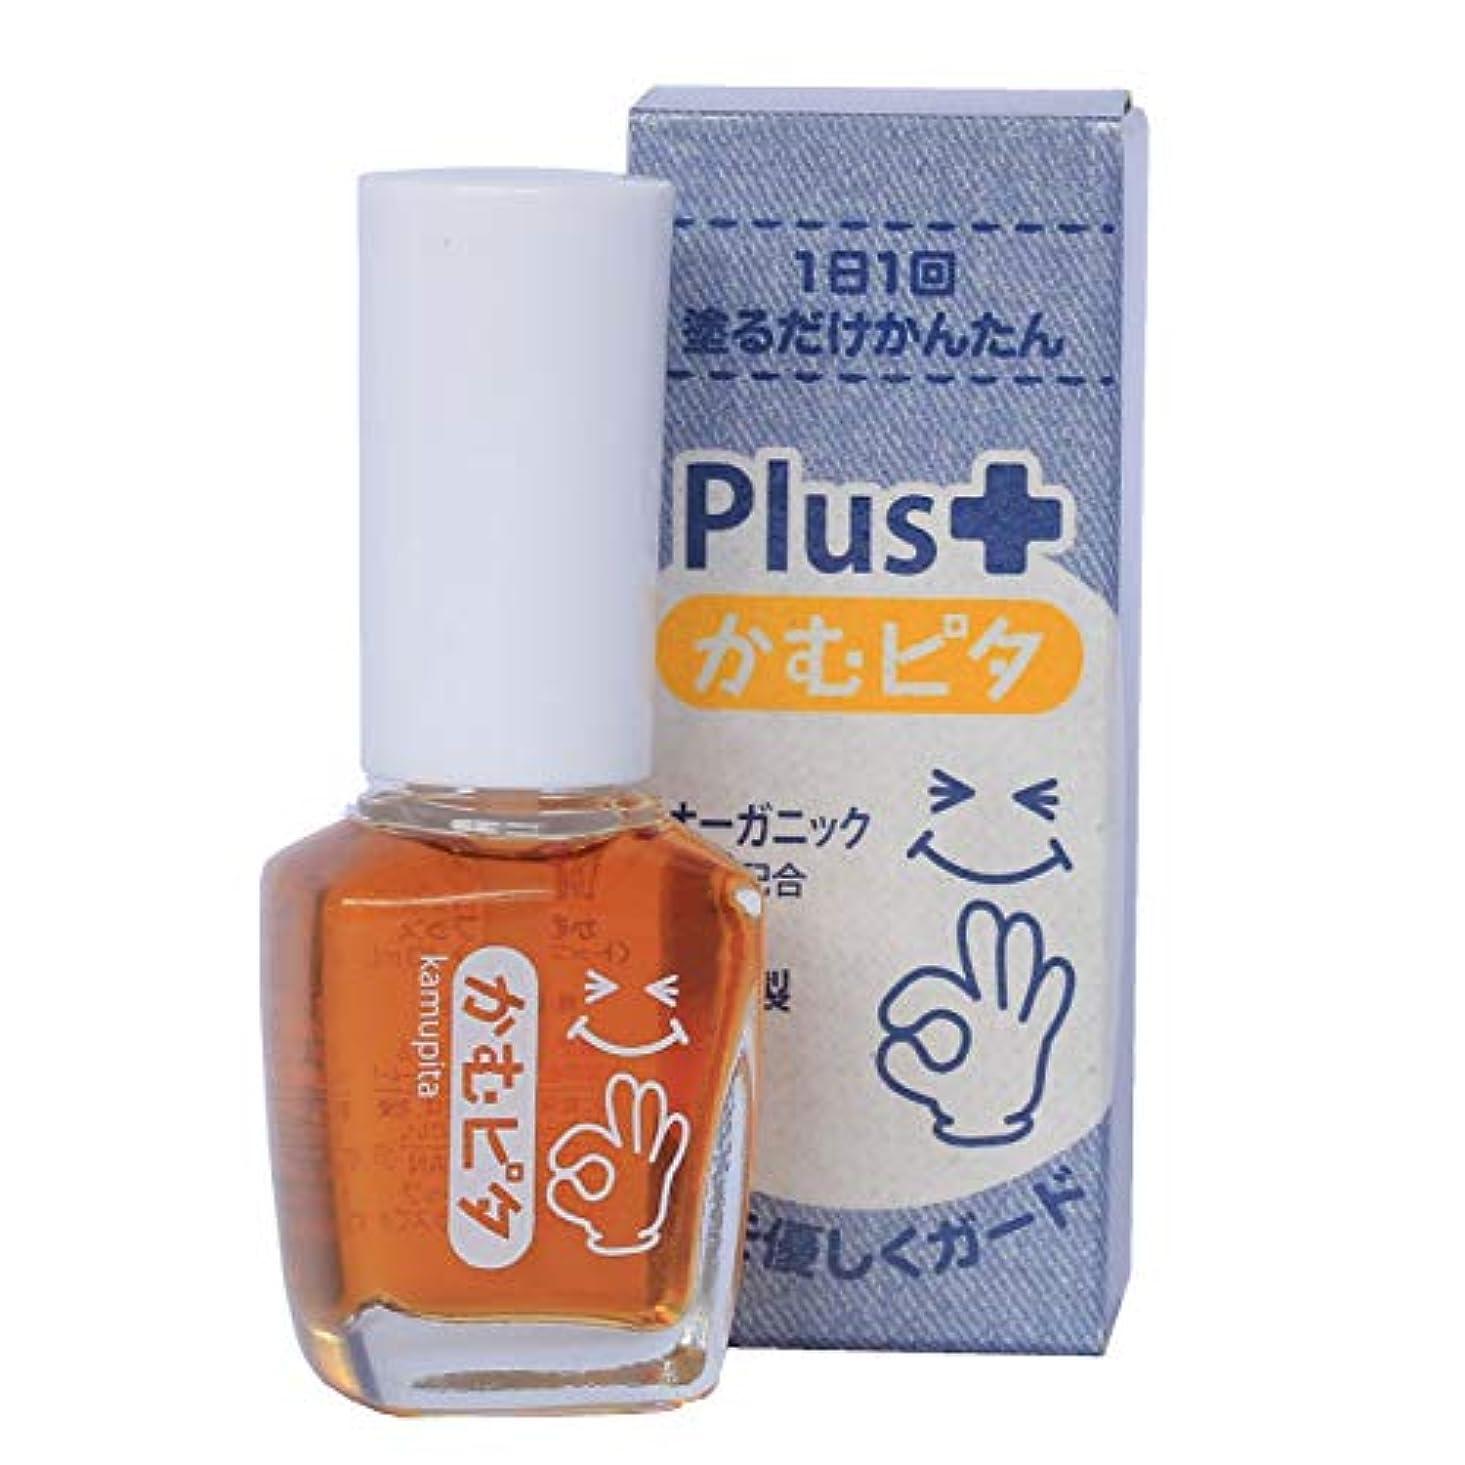 クルーズバトル少し子供の爪噛み?指しゃぶり防止に苦い日本製マニキュア かむピタ プラス  オーガニック成分配合?10ml